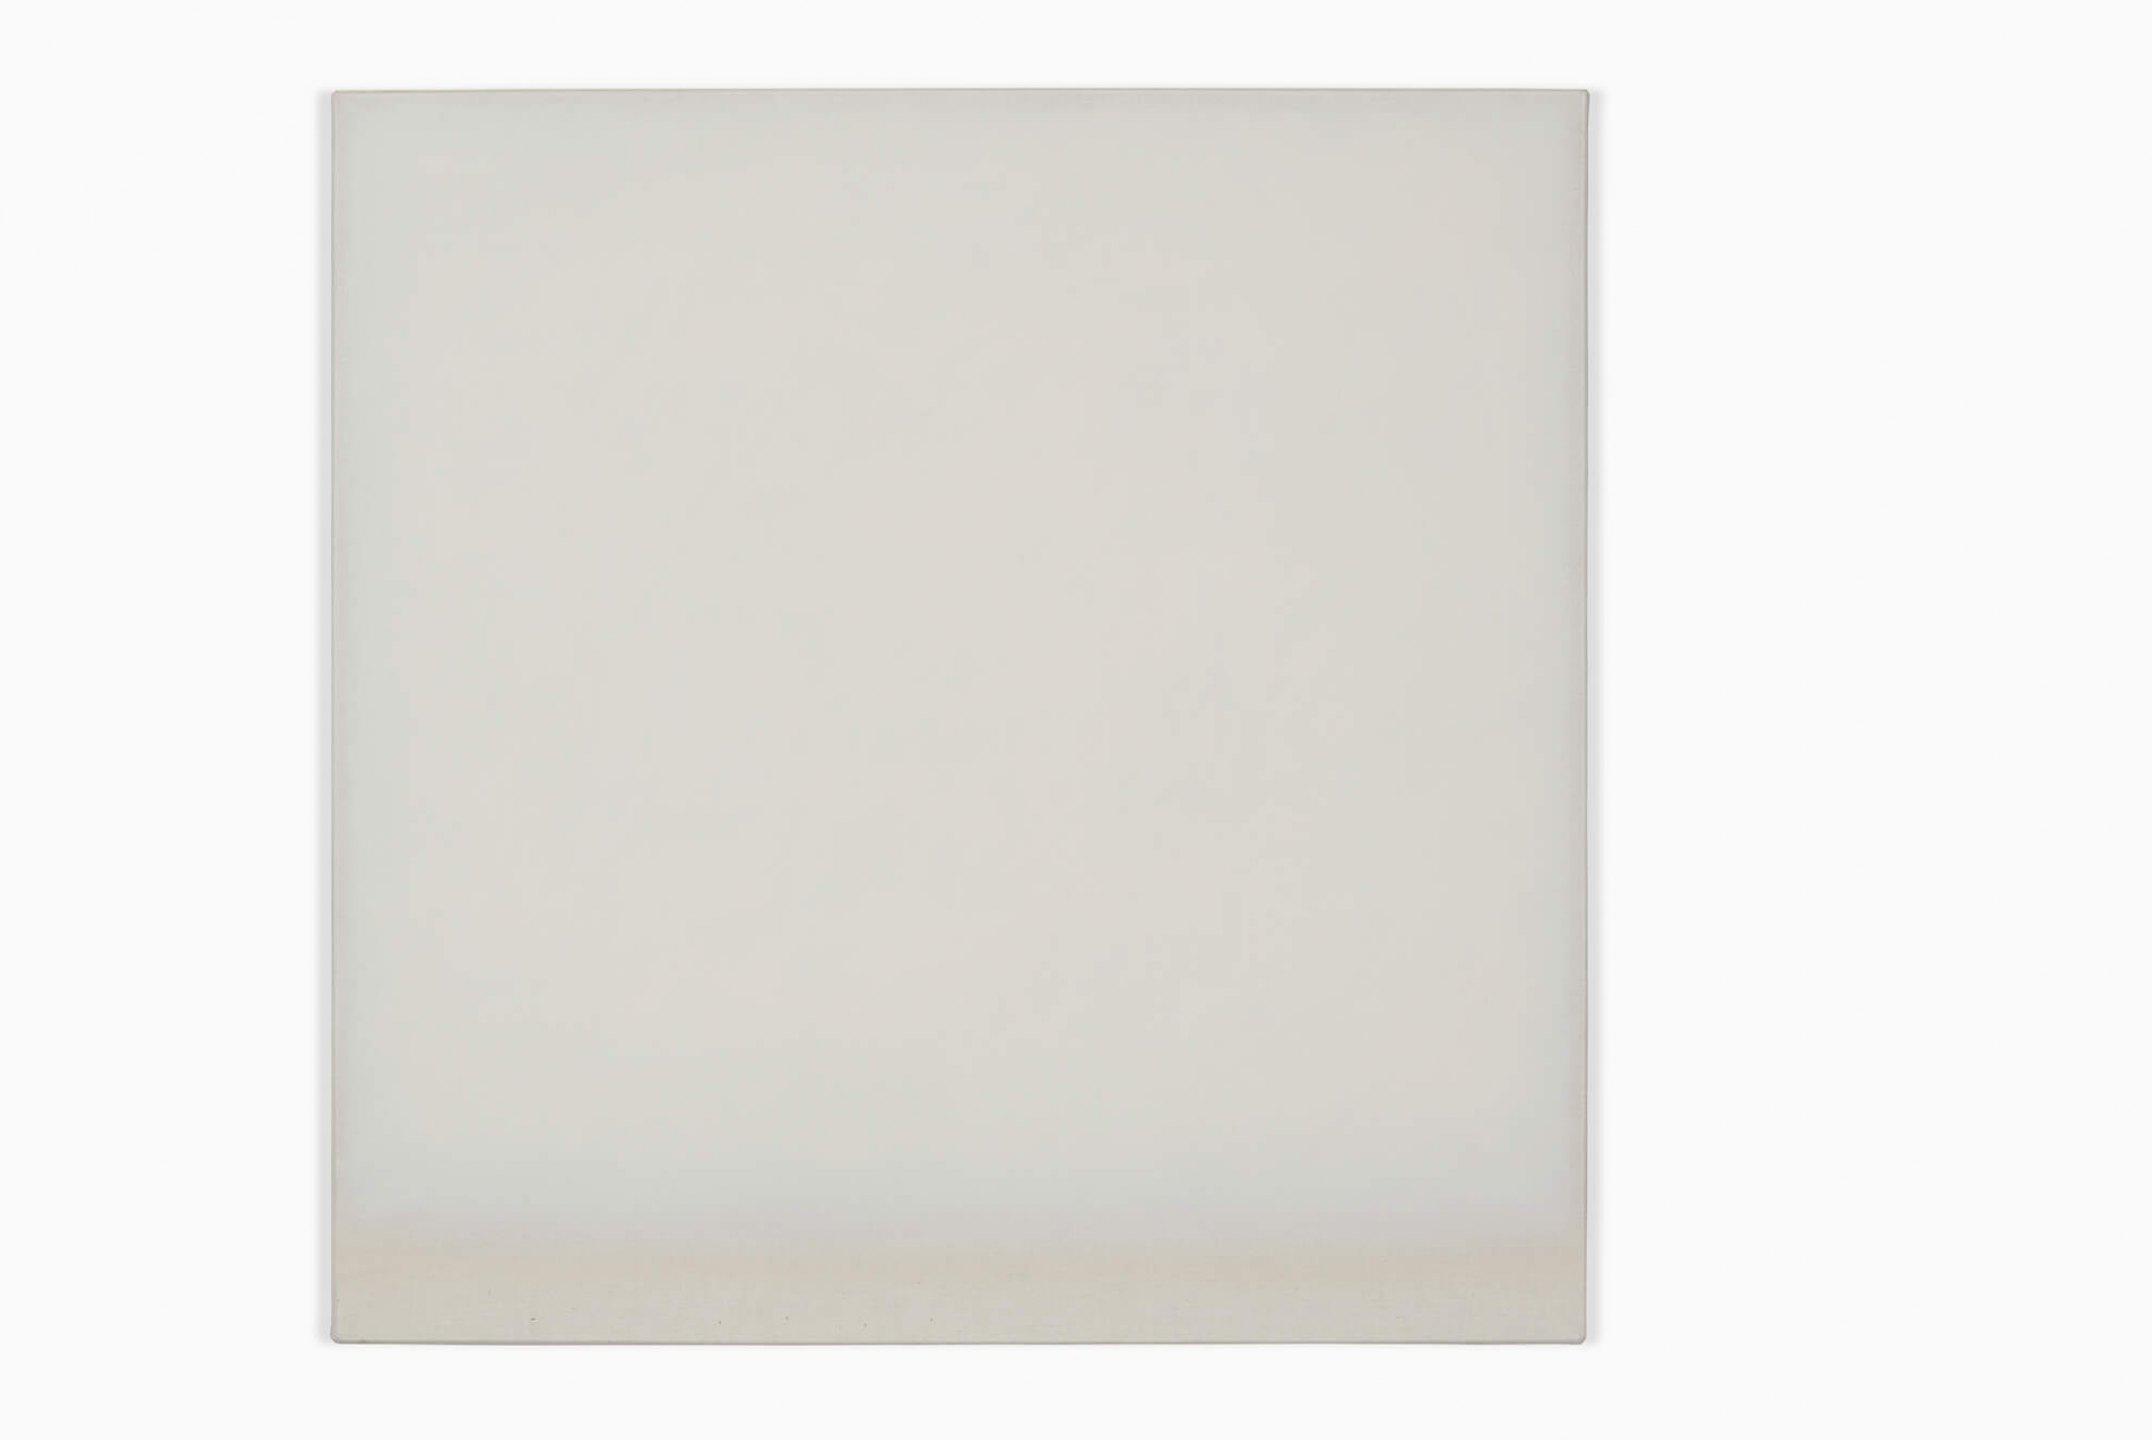 Lucas Arruda,<em>untitled,</em> 2016, oil on canvas, 50 × 50 cm - Mendes Wood DM